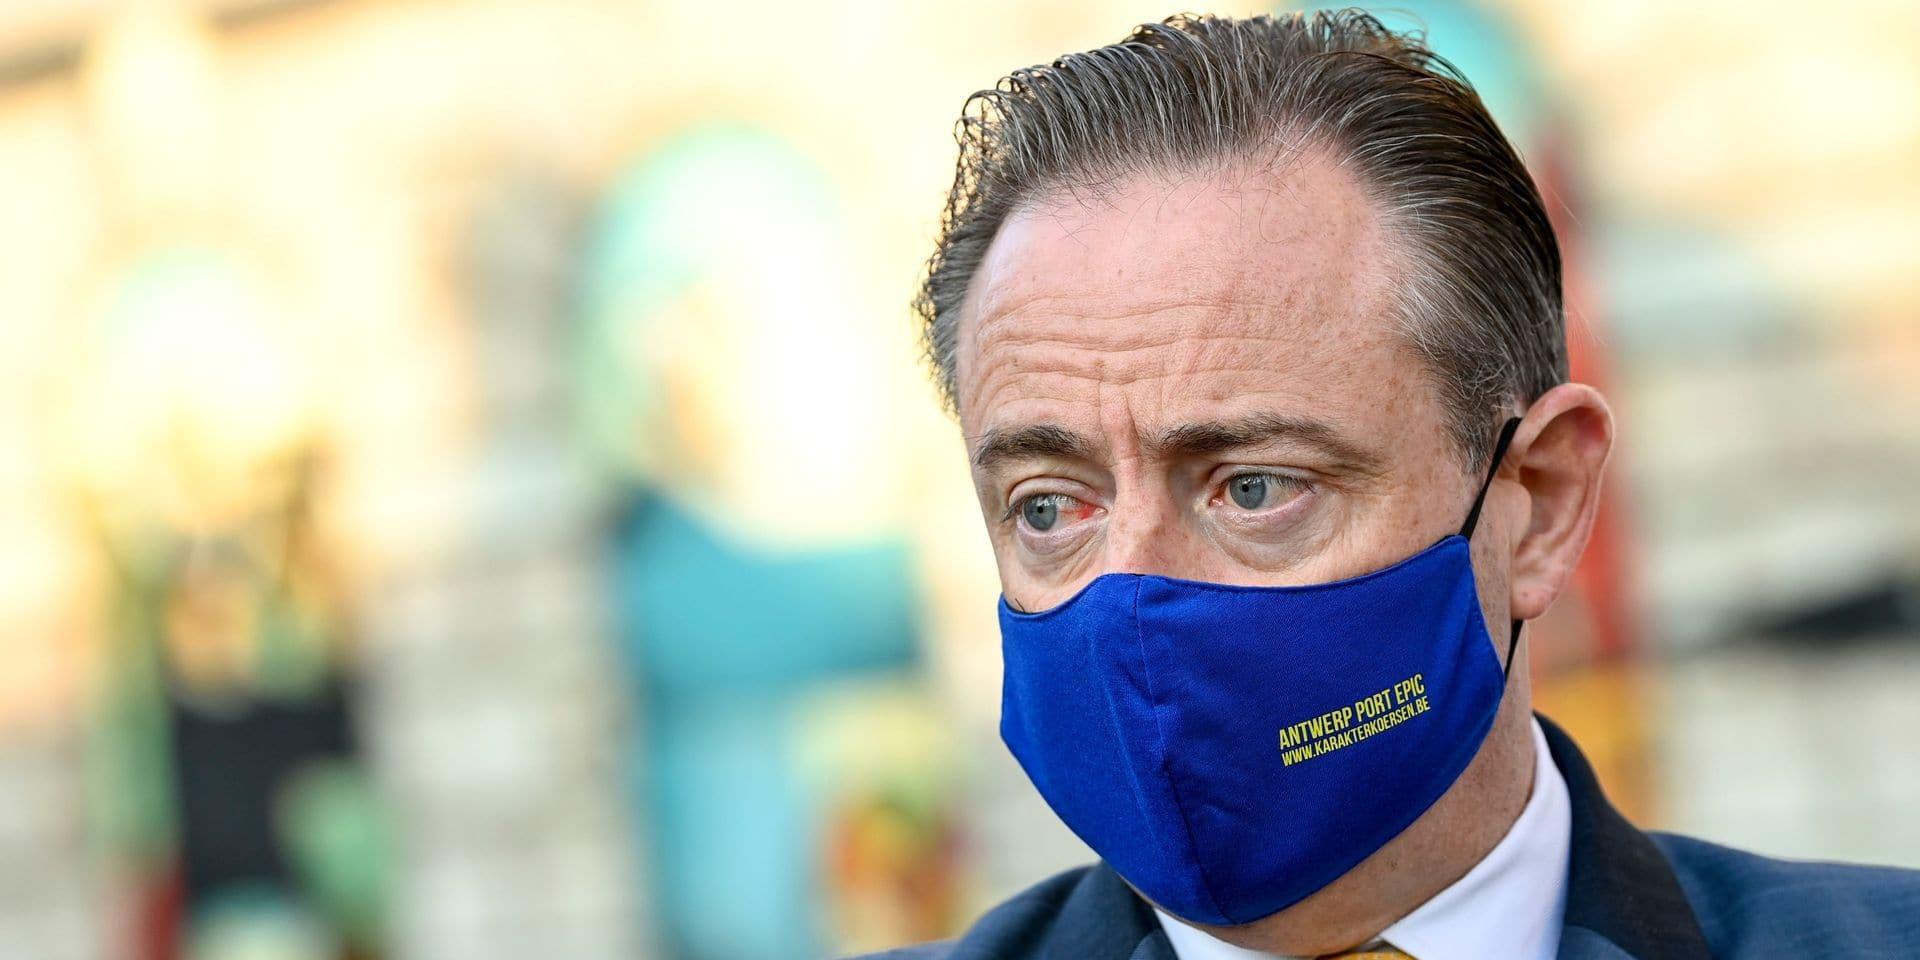 Bart De Wever, menacé par le milieu de la drogue, bénéficie d'une protection policière